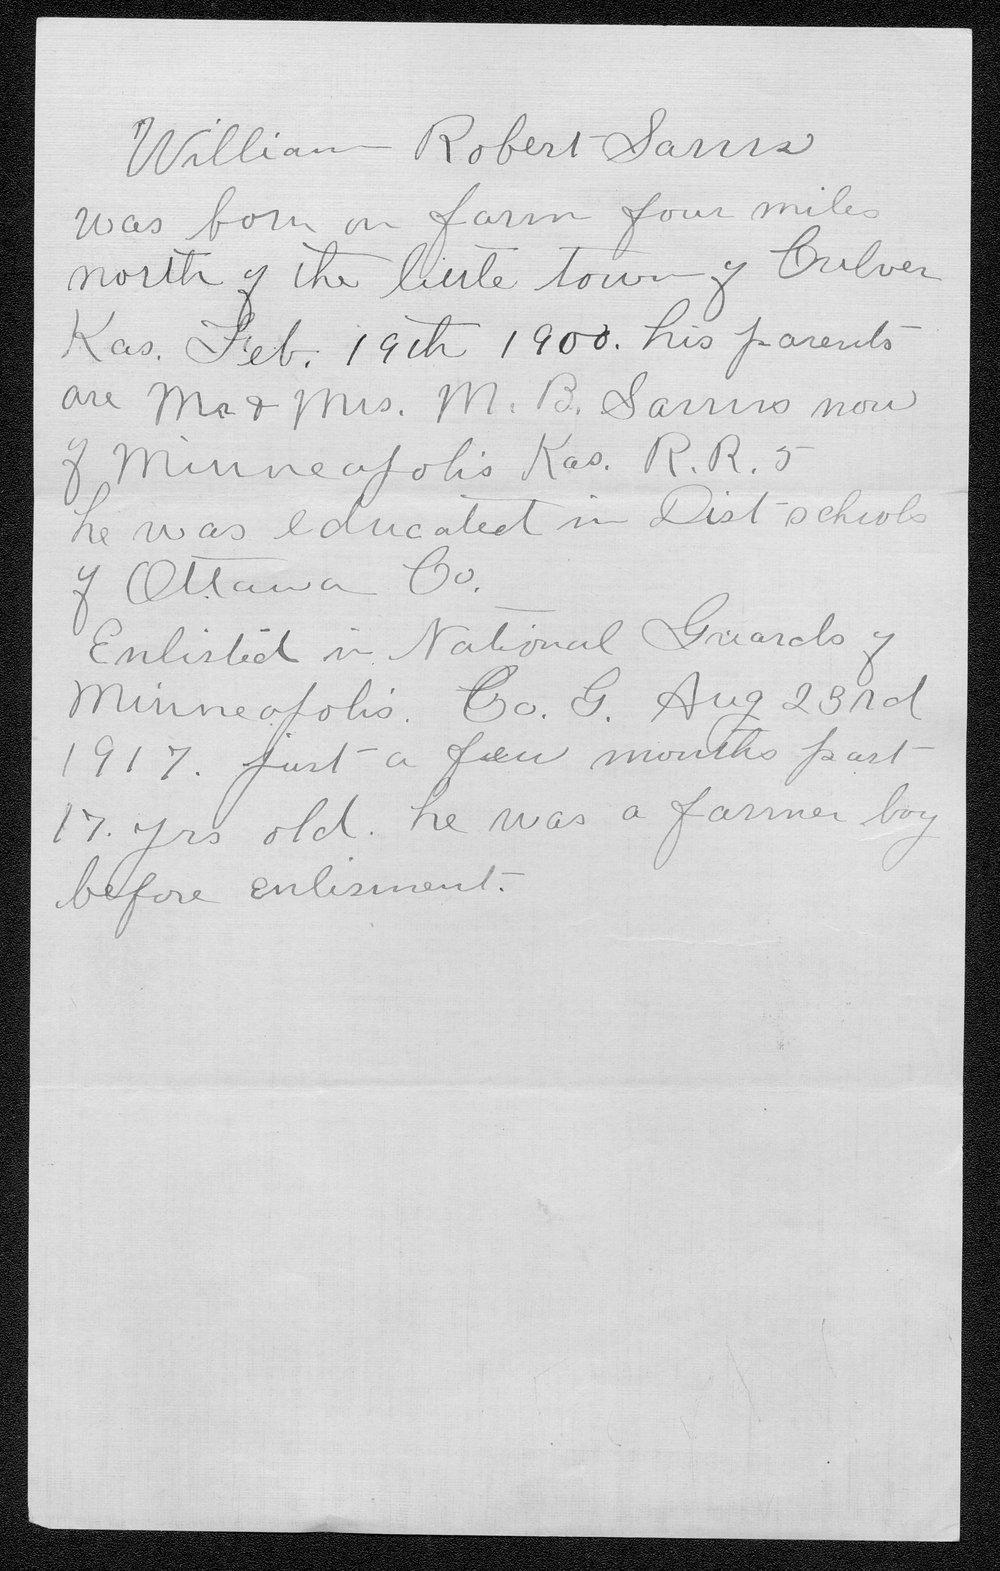 William Robert Sams, World War I soldier - 5